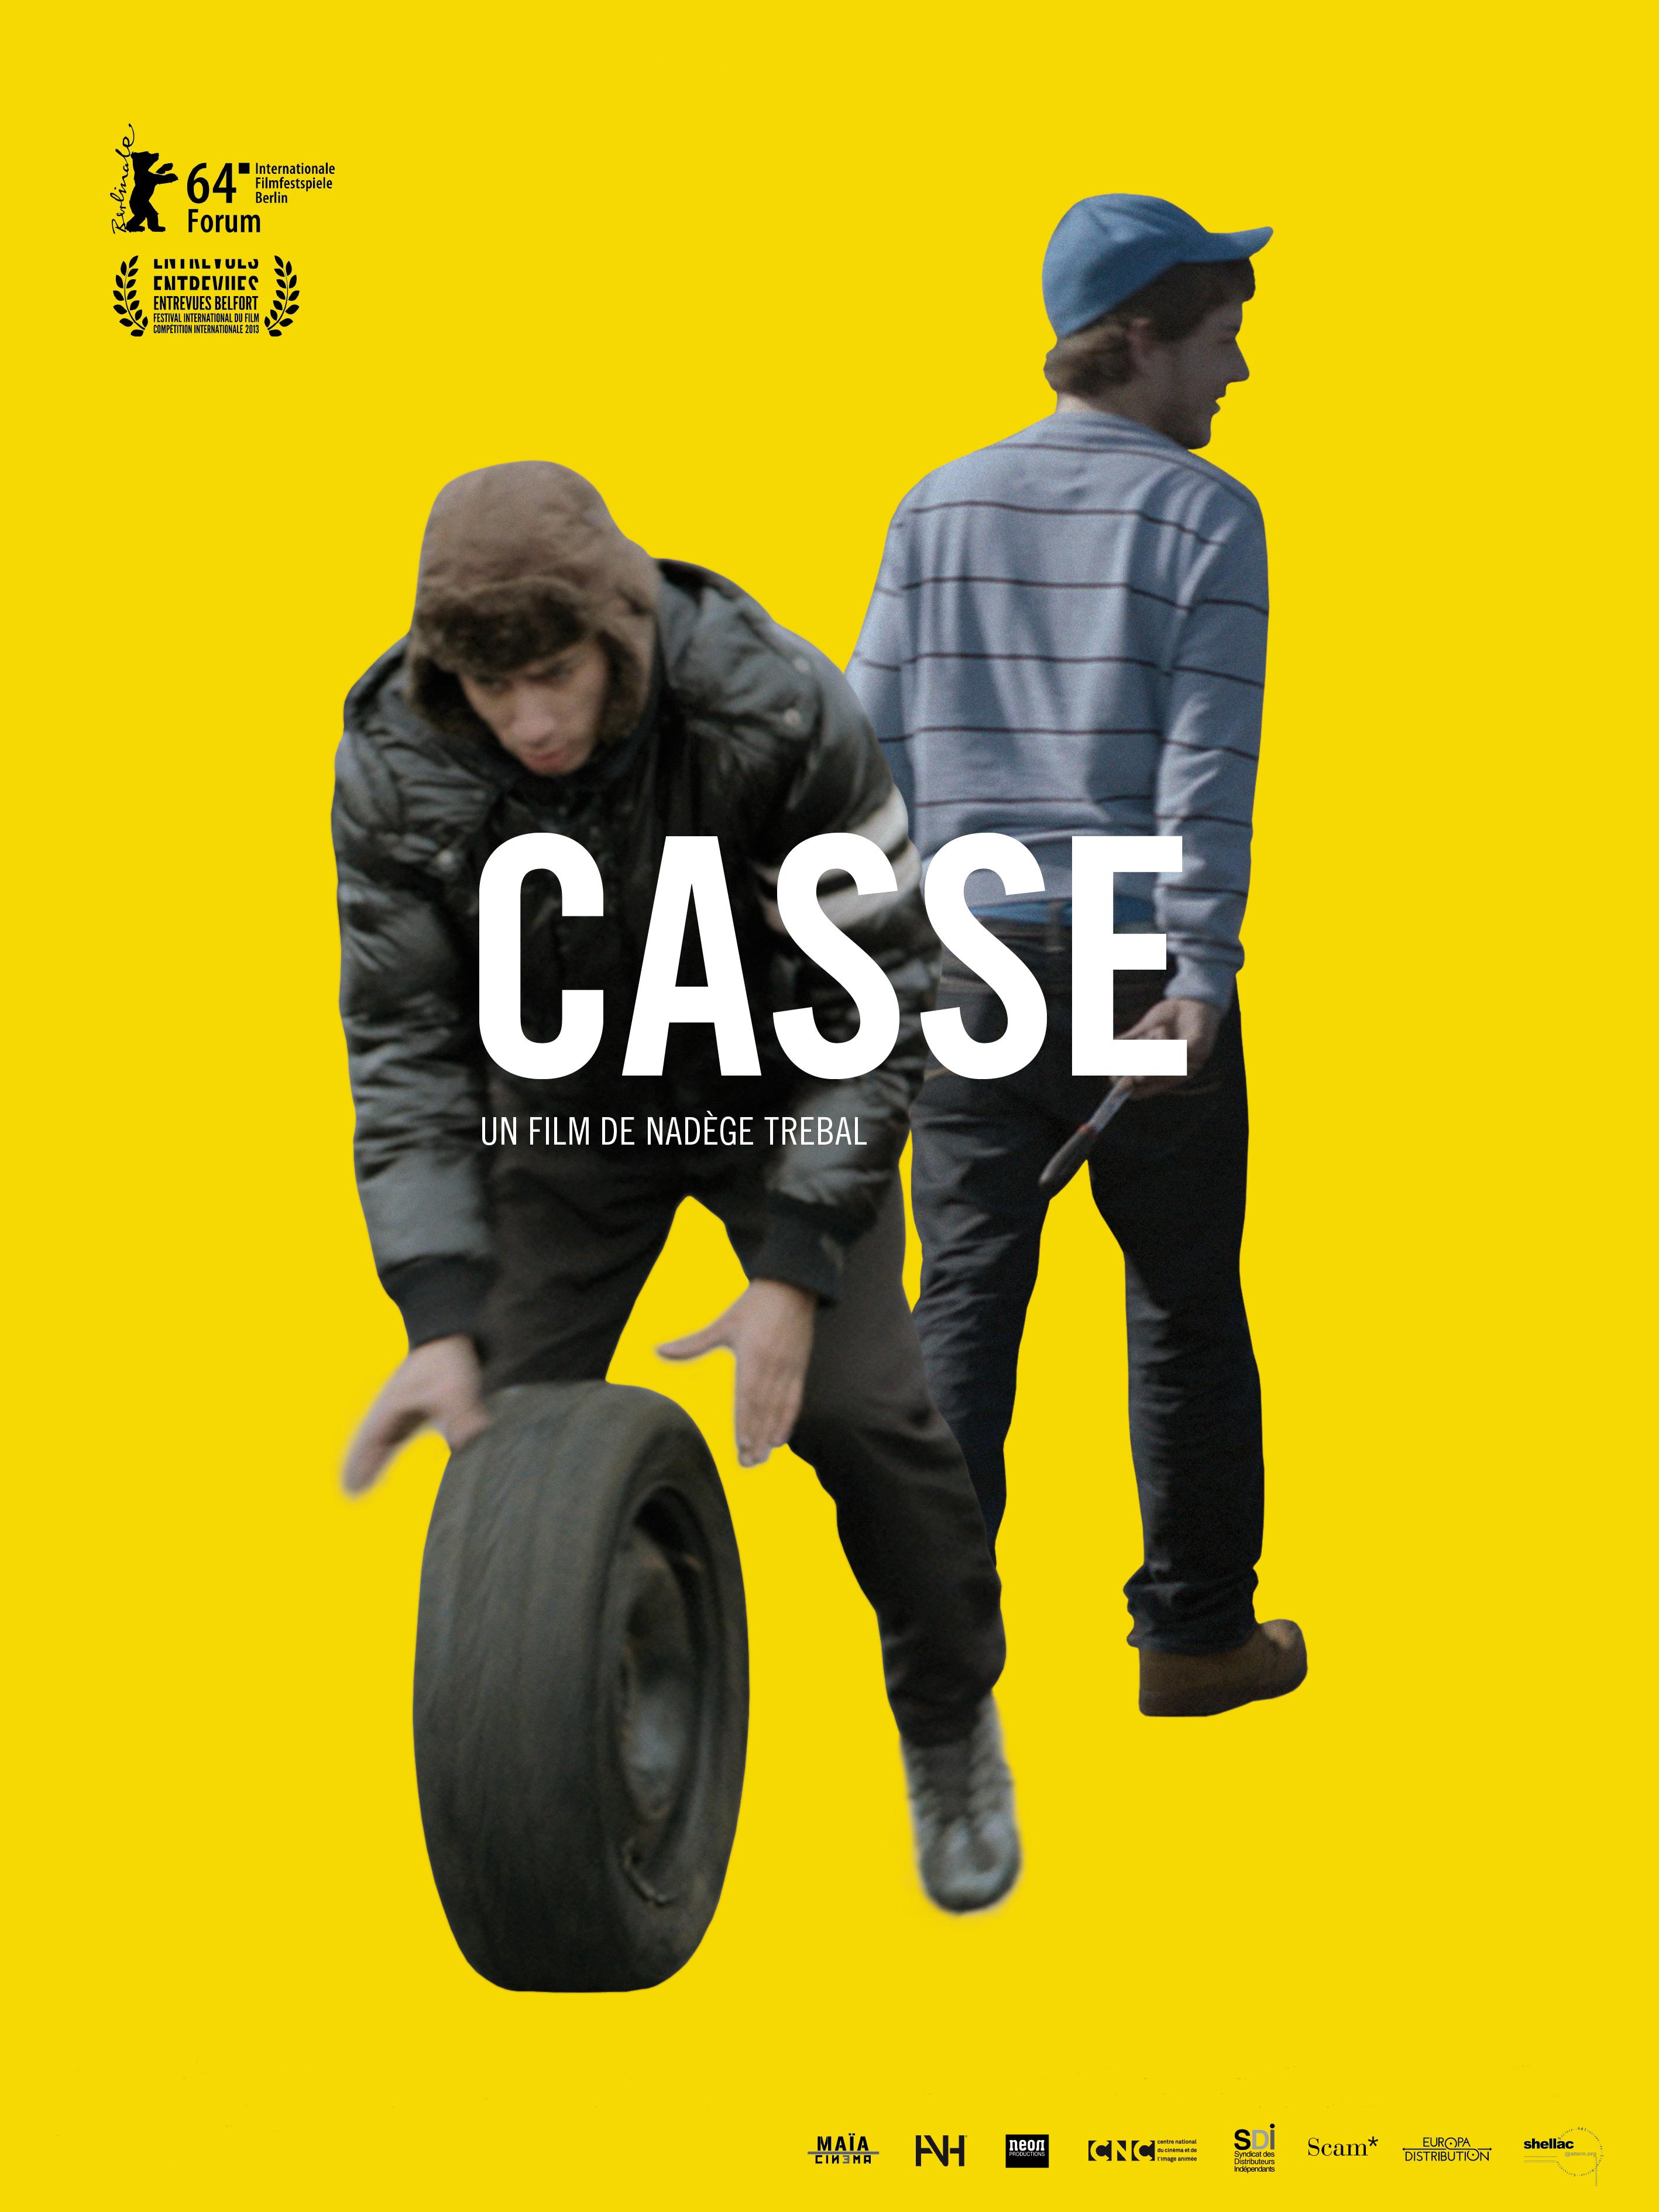 Casse | Trébal, Nadège (Réalisateur)